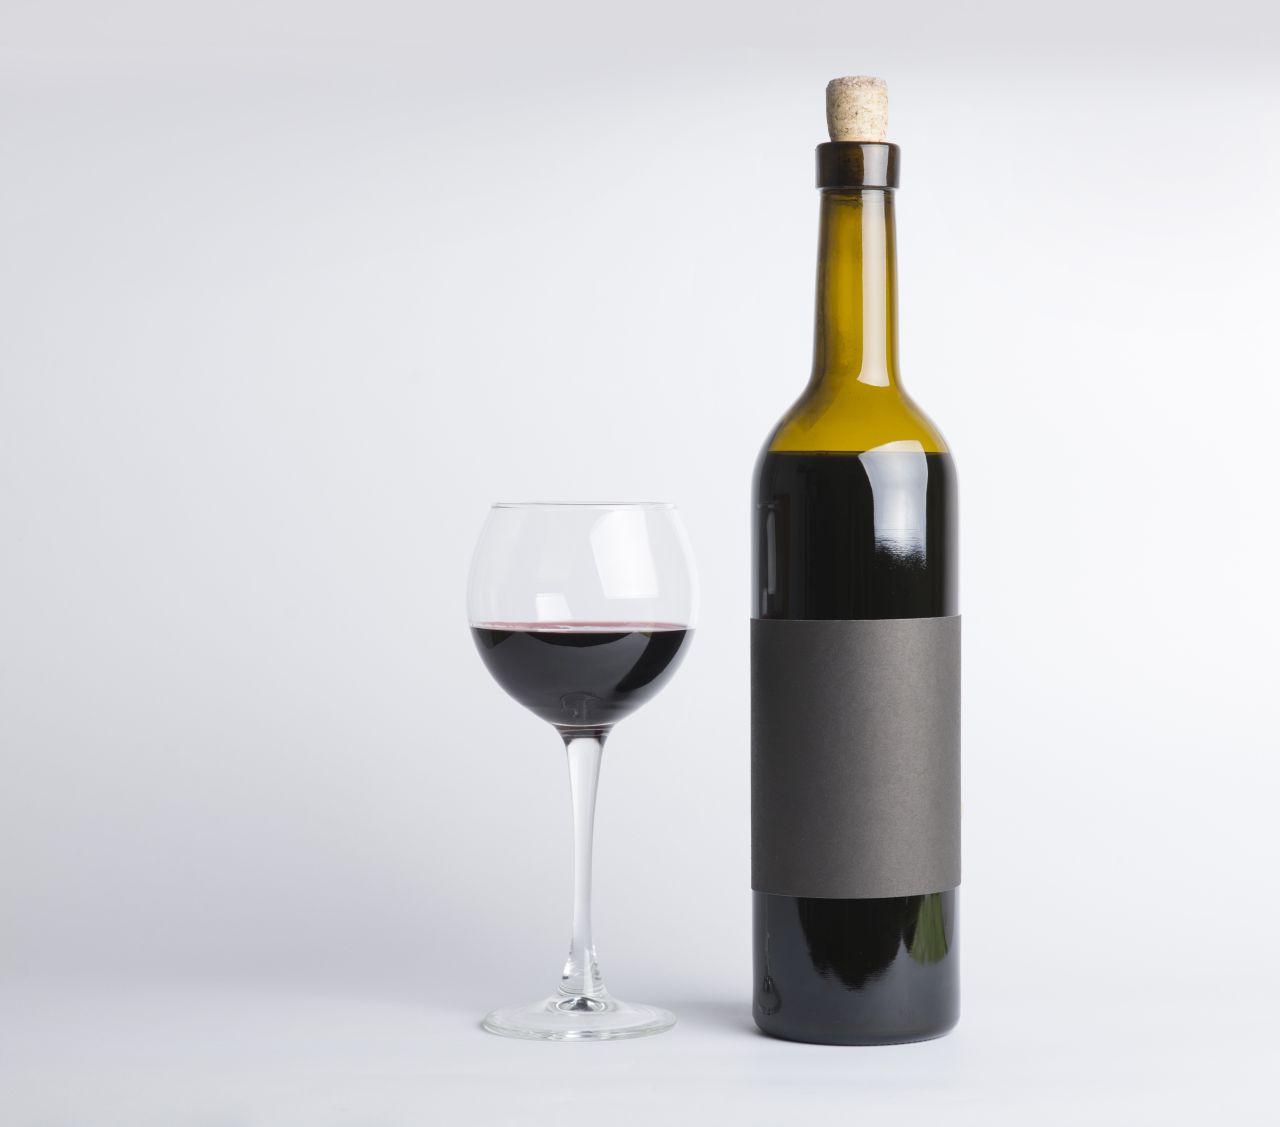 Degustacja atutem profesjonalnej winoteki